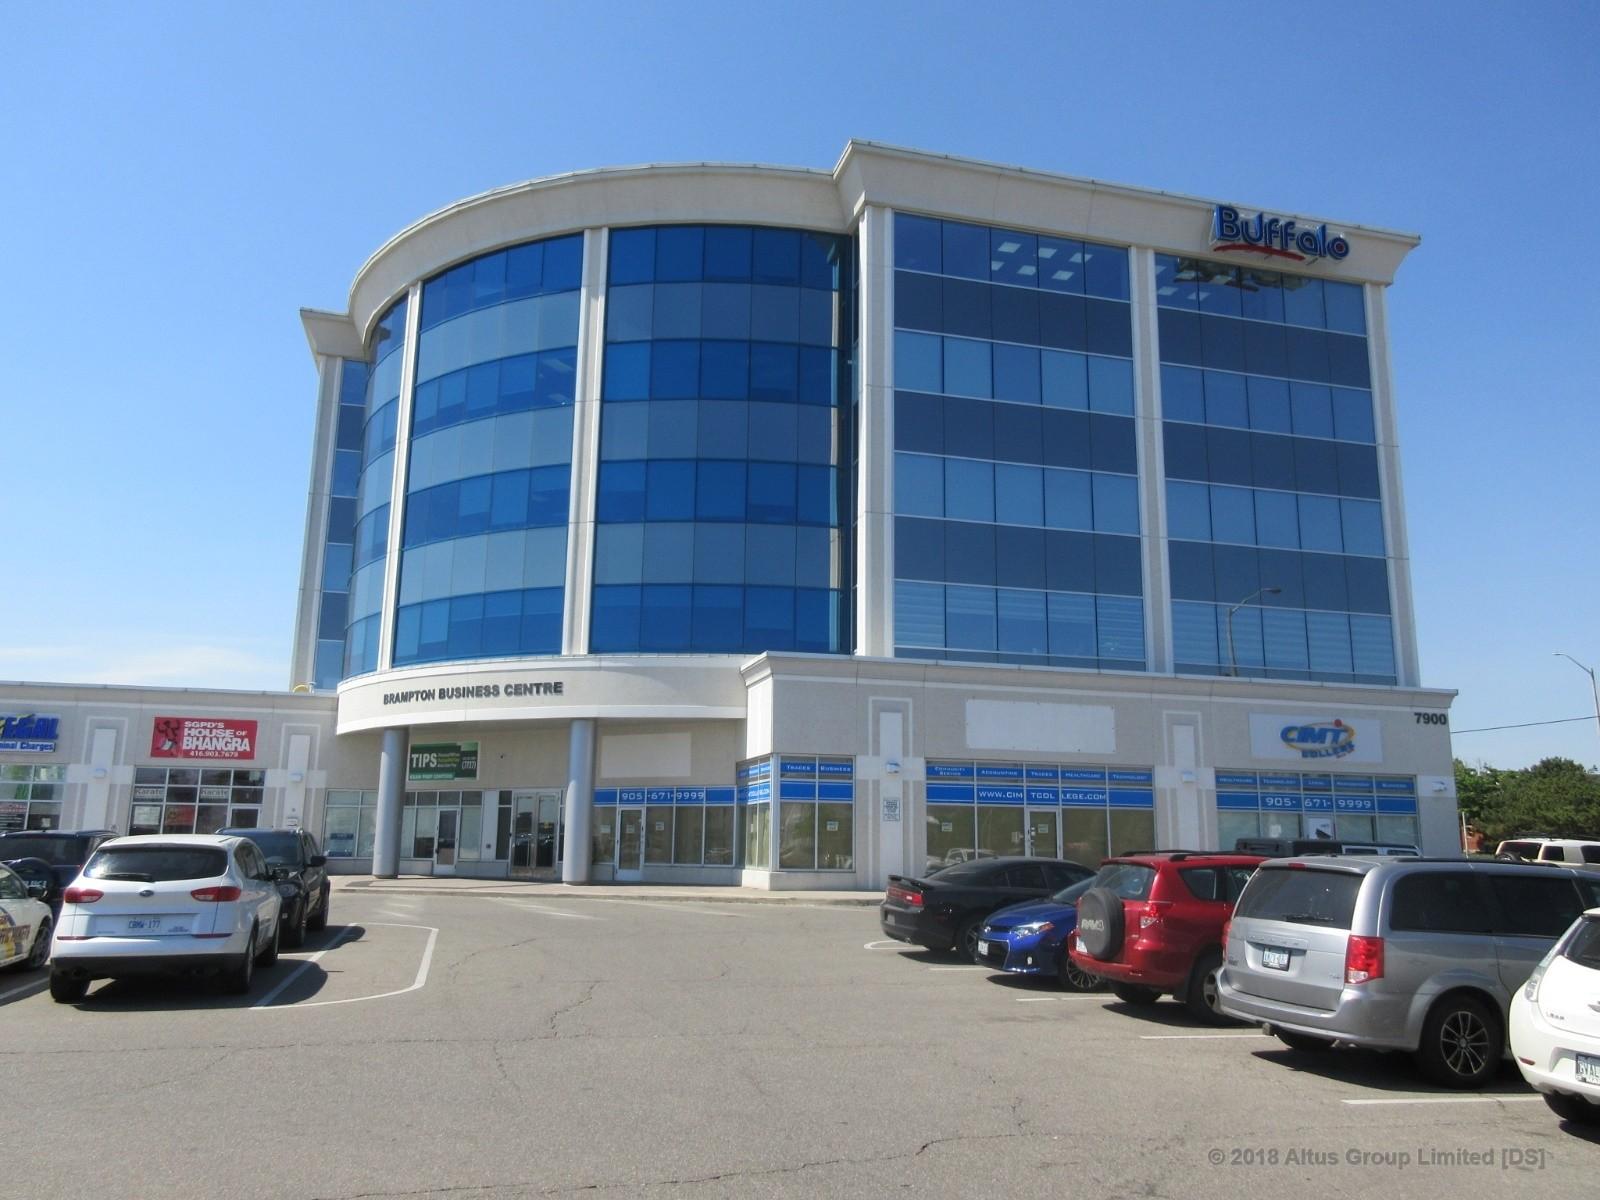 7900 Hurontario Street, Brampton, Ontario